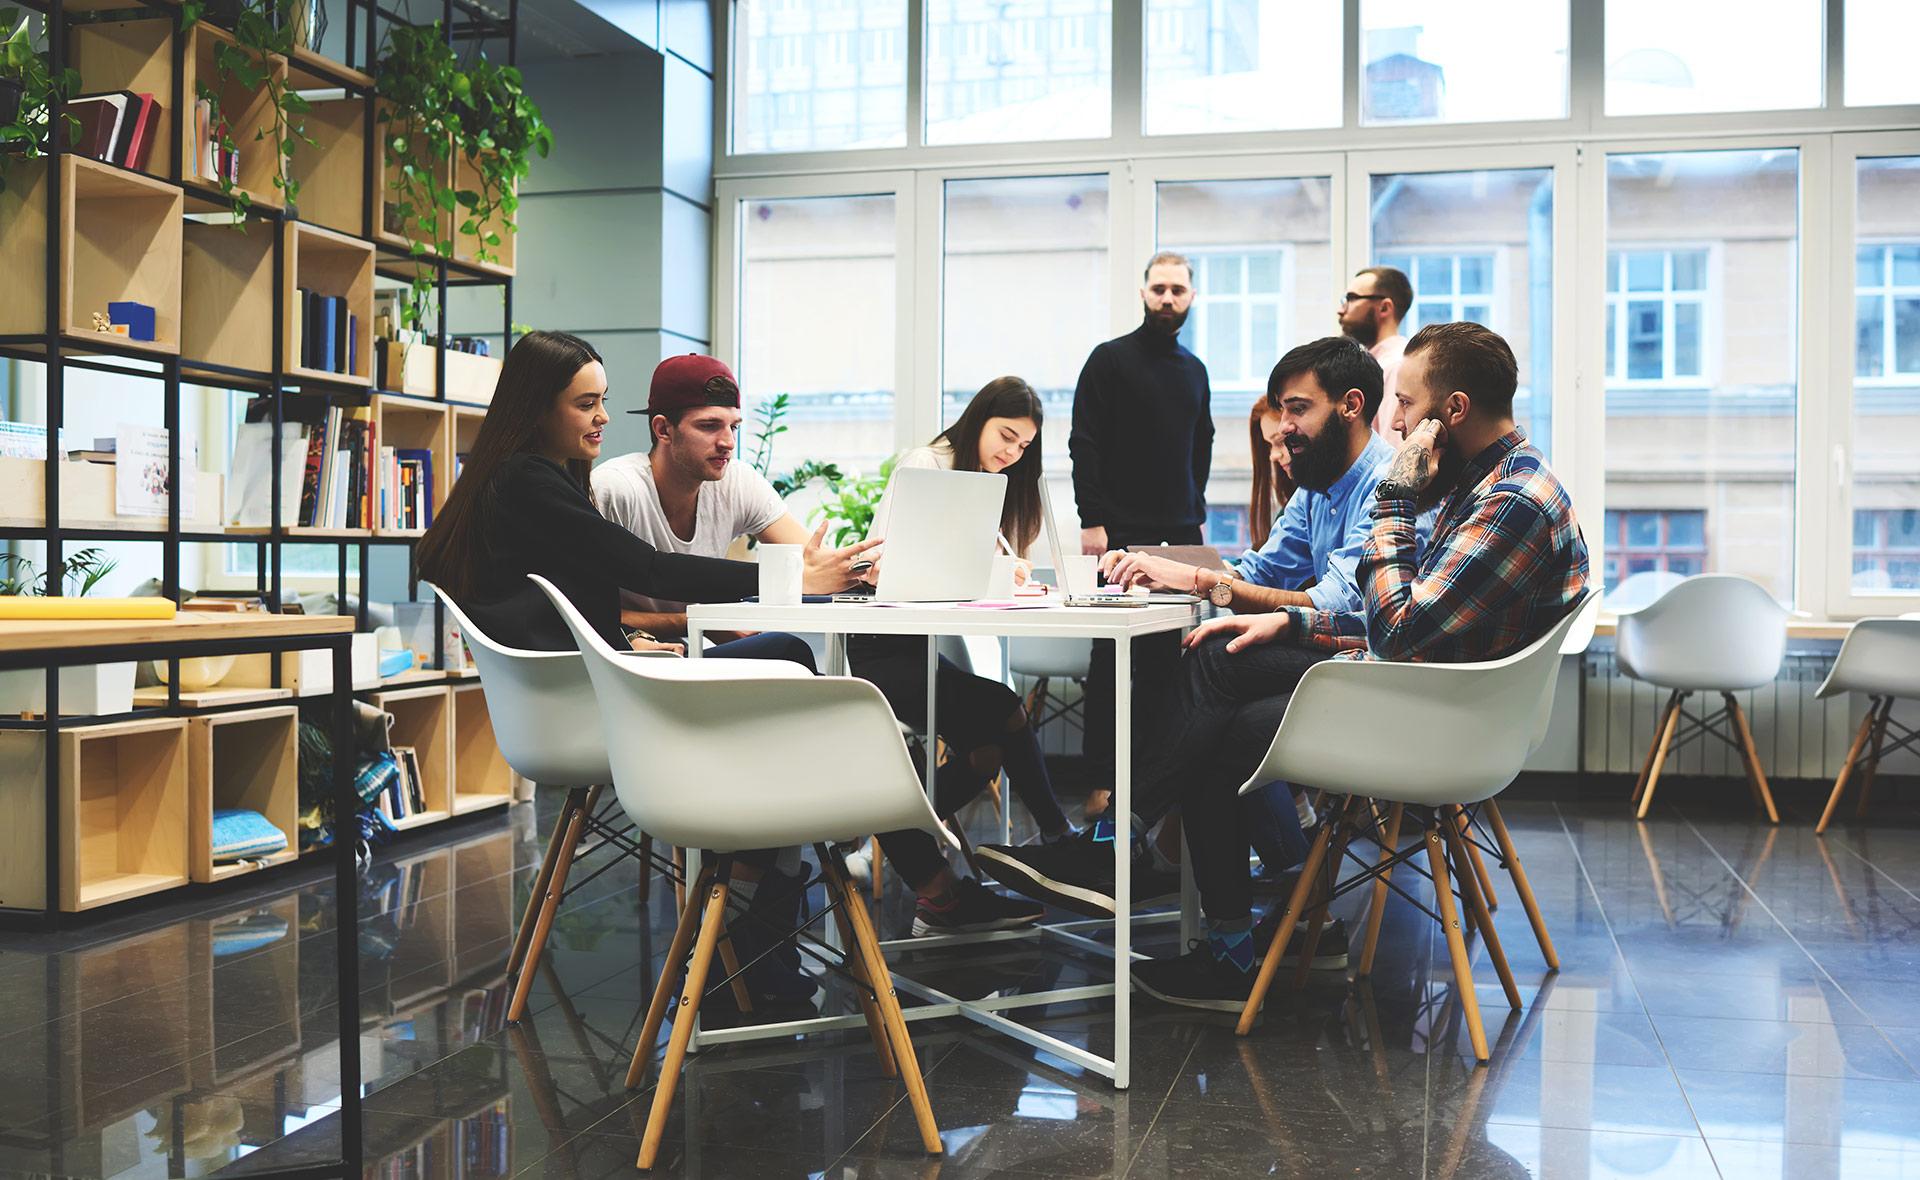 BBVA-emprendimiento-innovacion-union-conceptos-emprea-equipo-trabajo